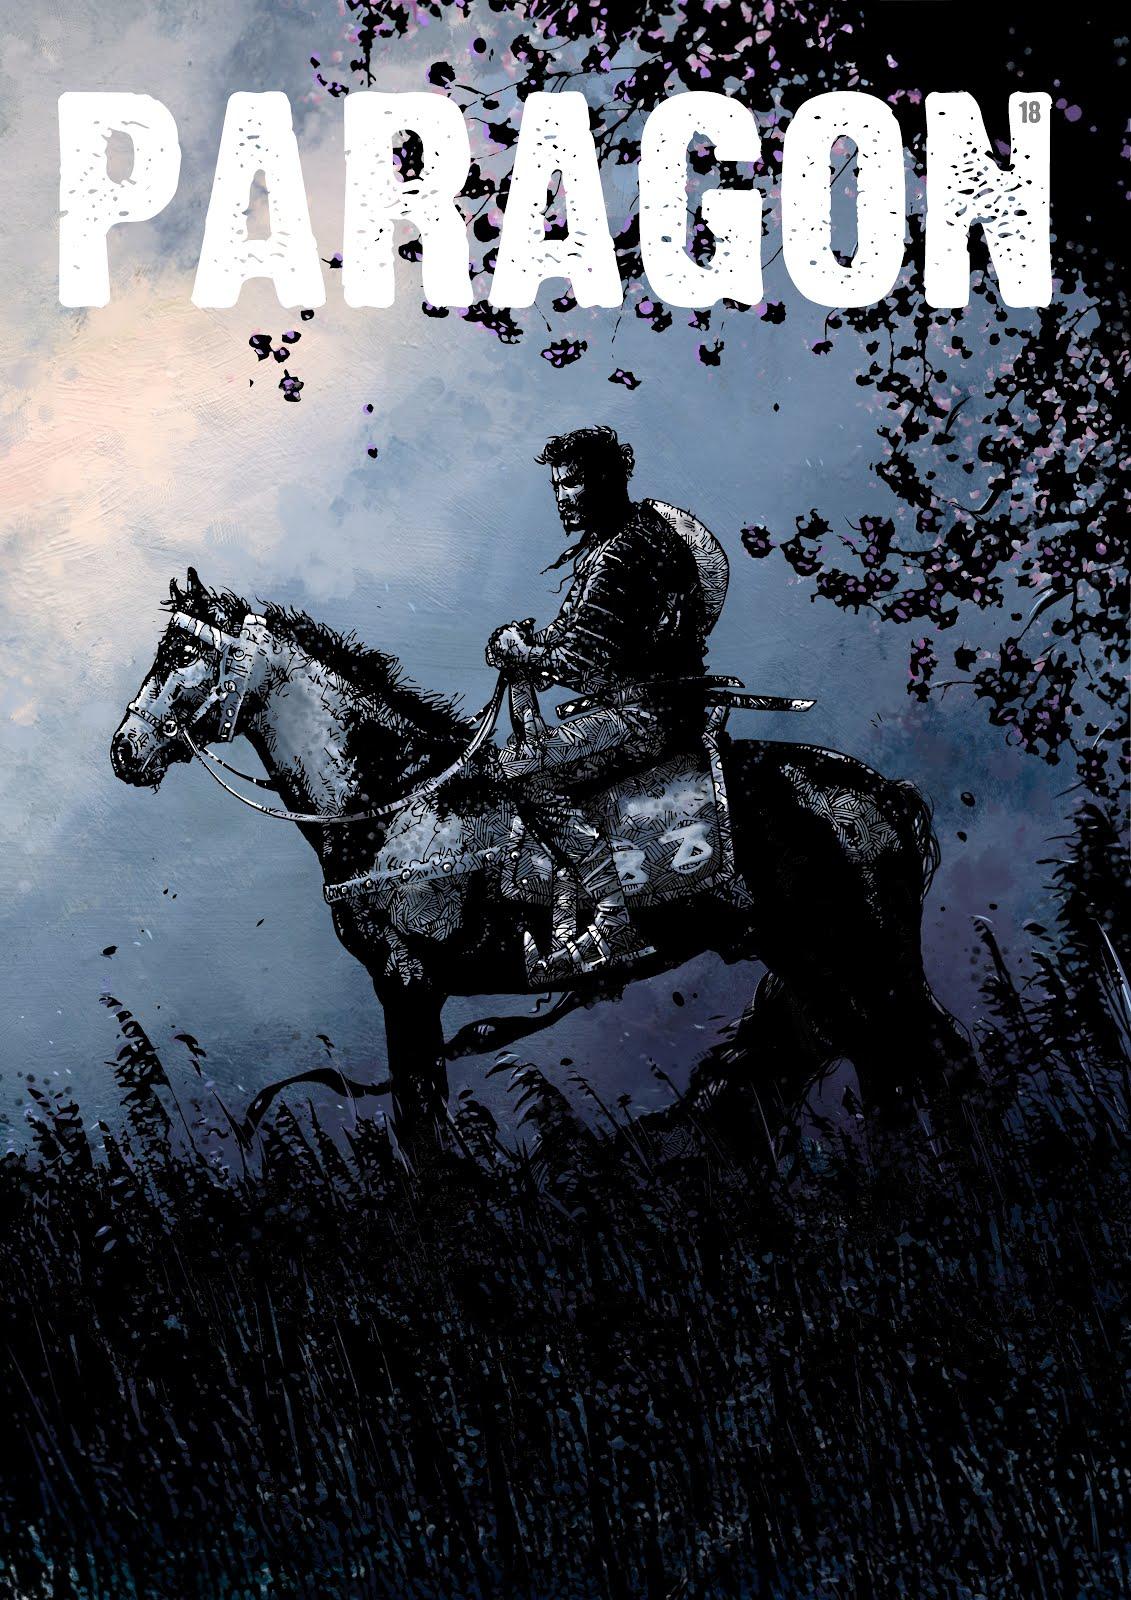 PARAGON #18